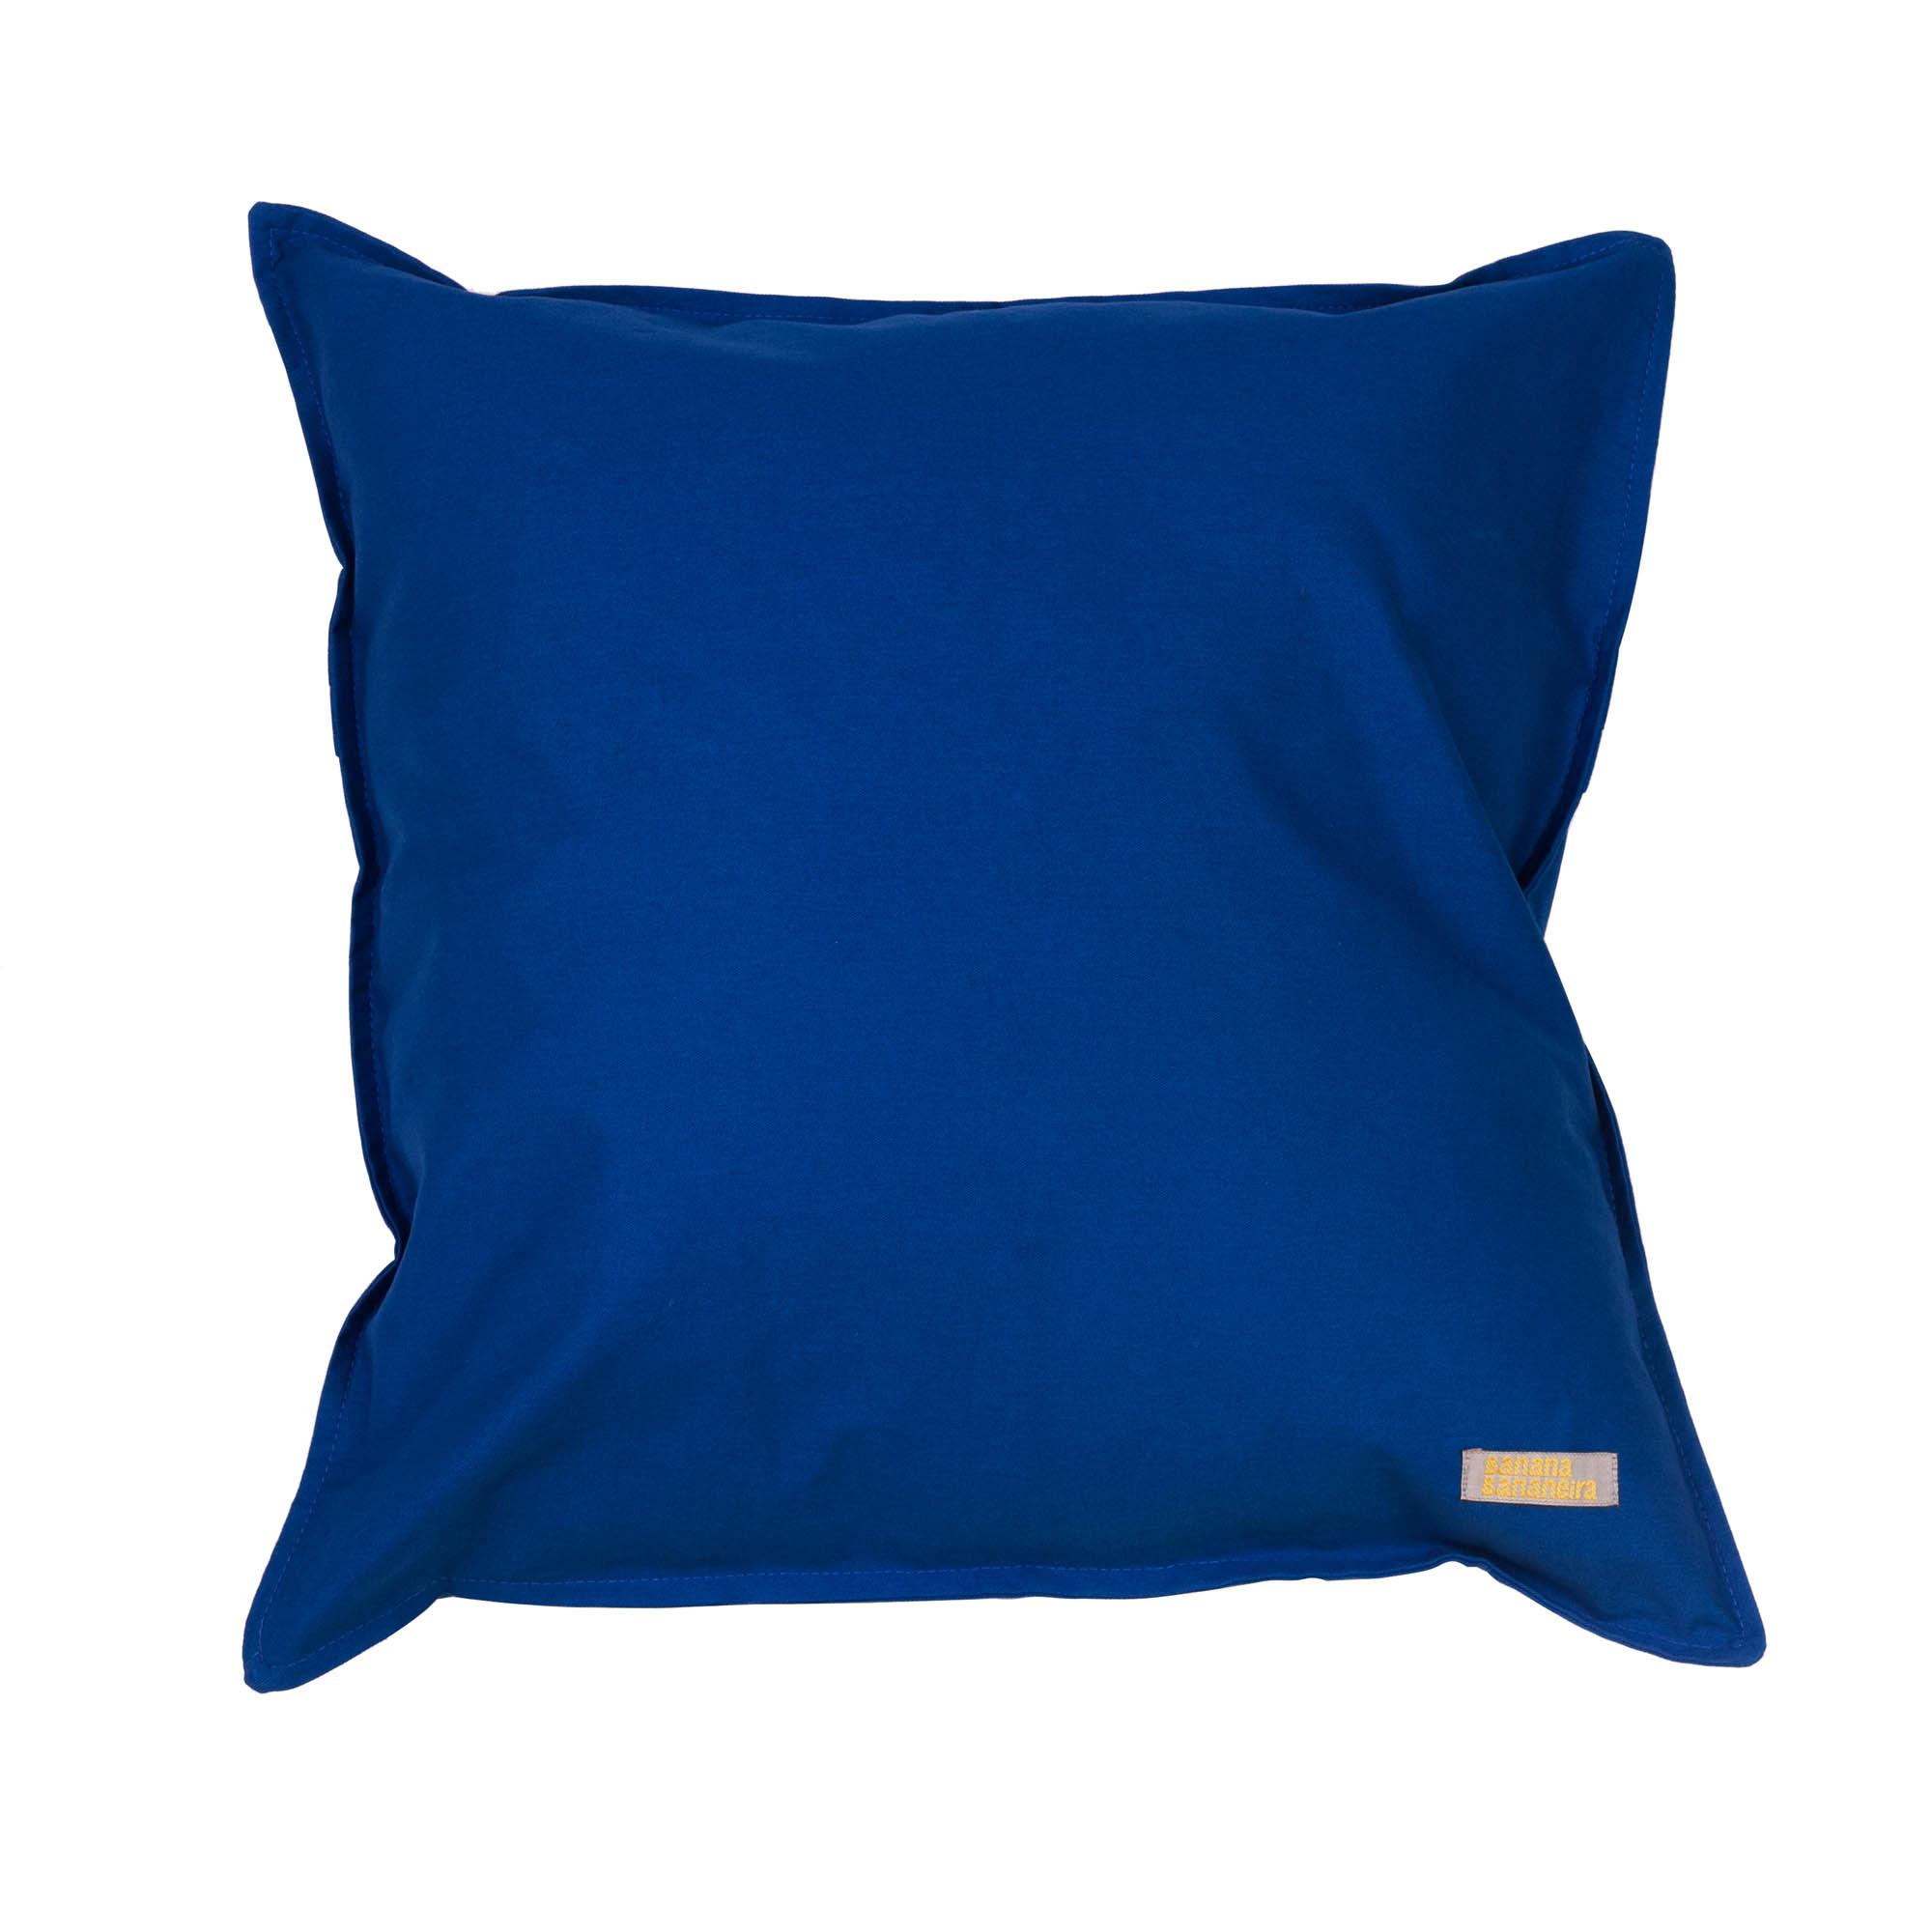 Capa de almofada em pesponto 45 cm x 45 cm azul clássico